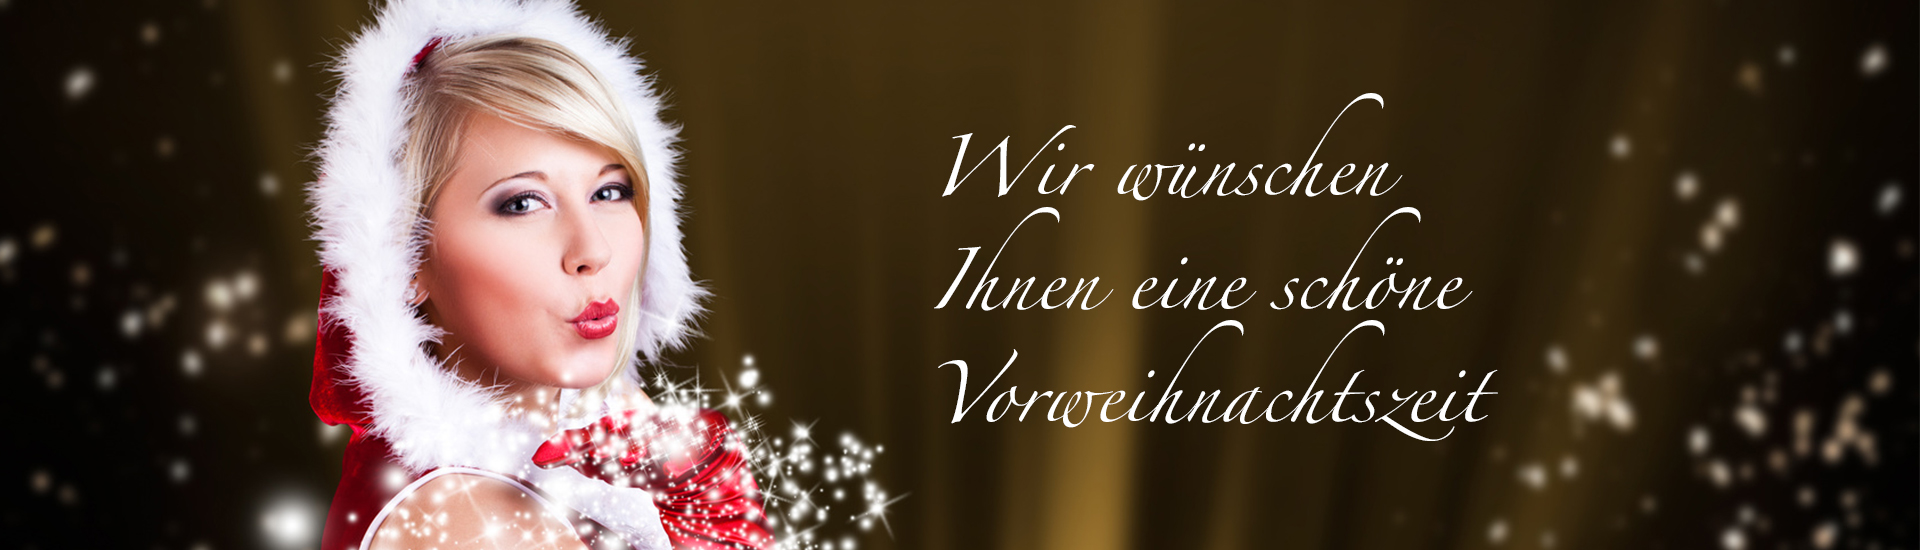 djservice_hamburg_vorweihnachten_gruesse